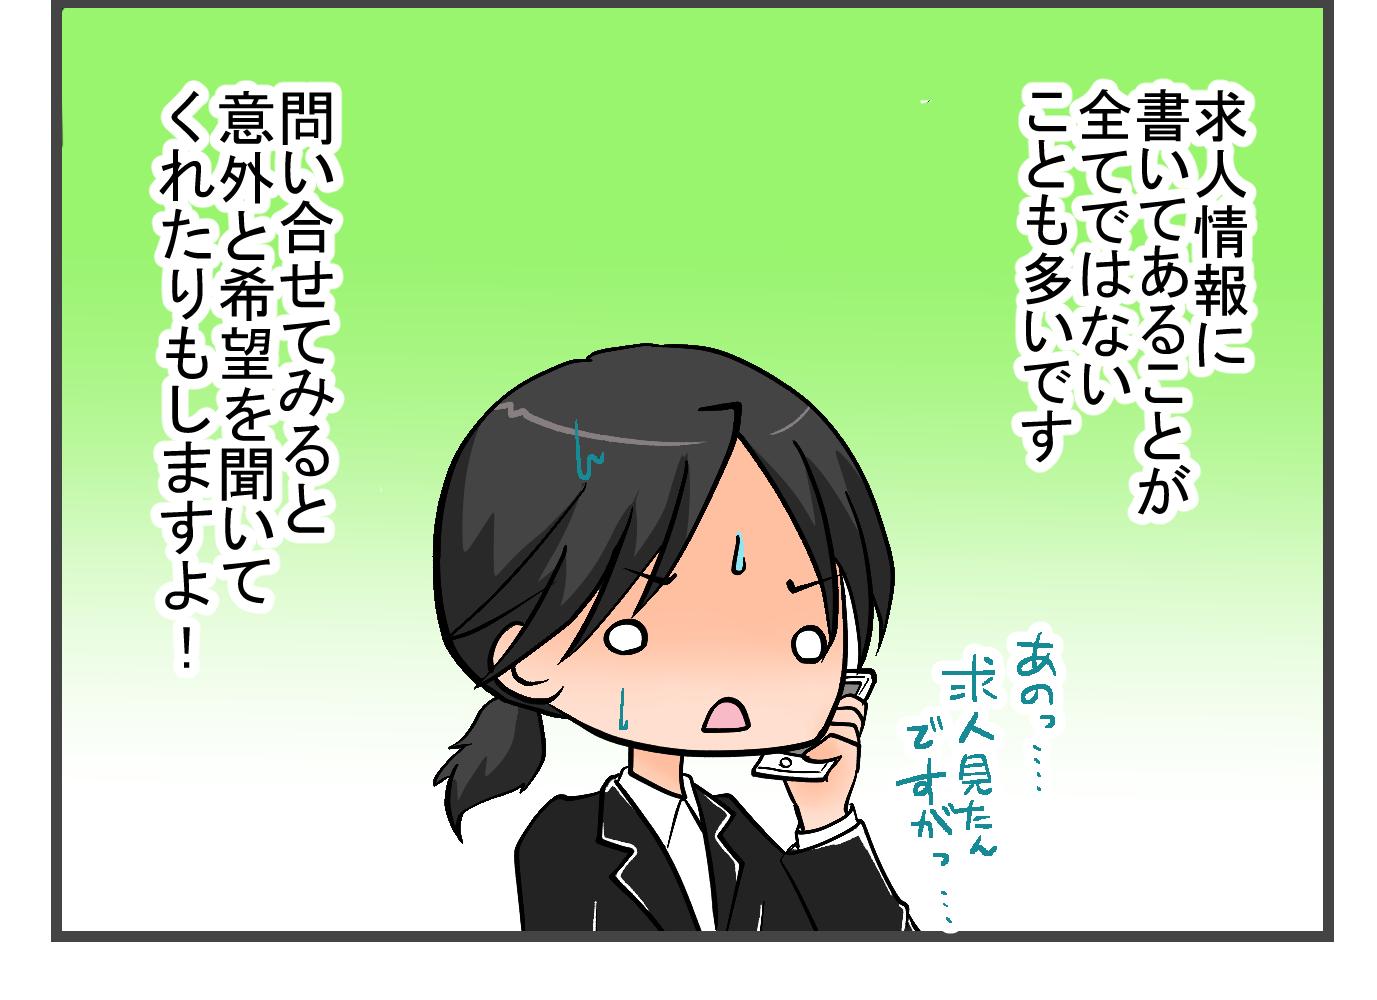 ワーママ第9話アイキャッチ